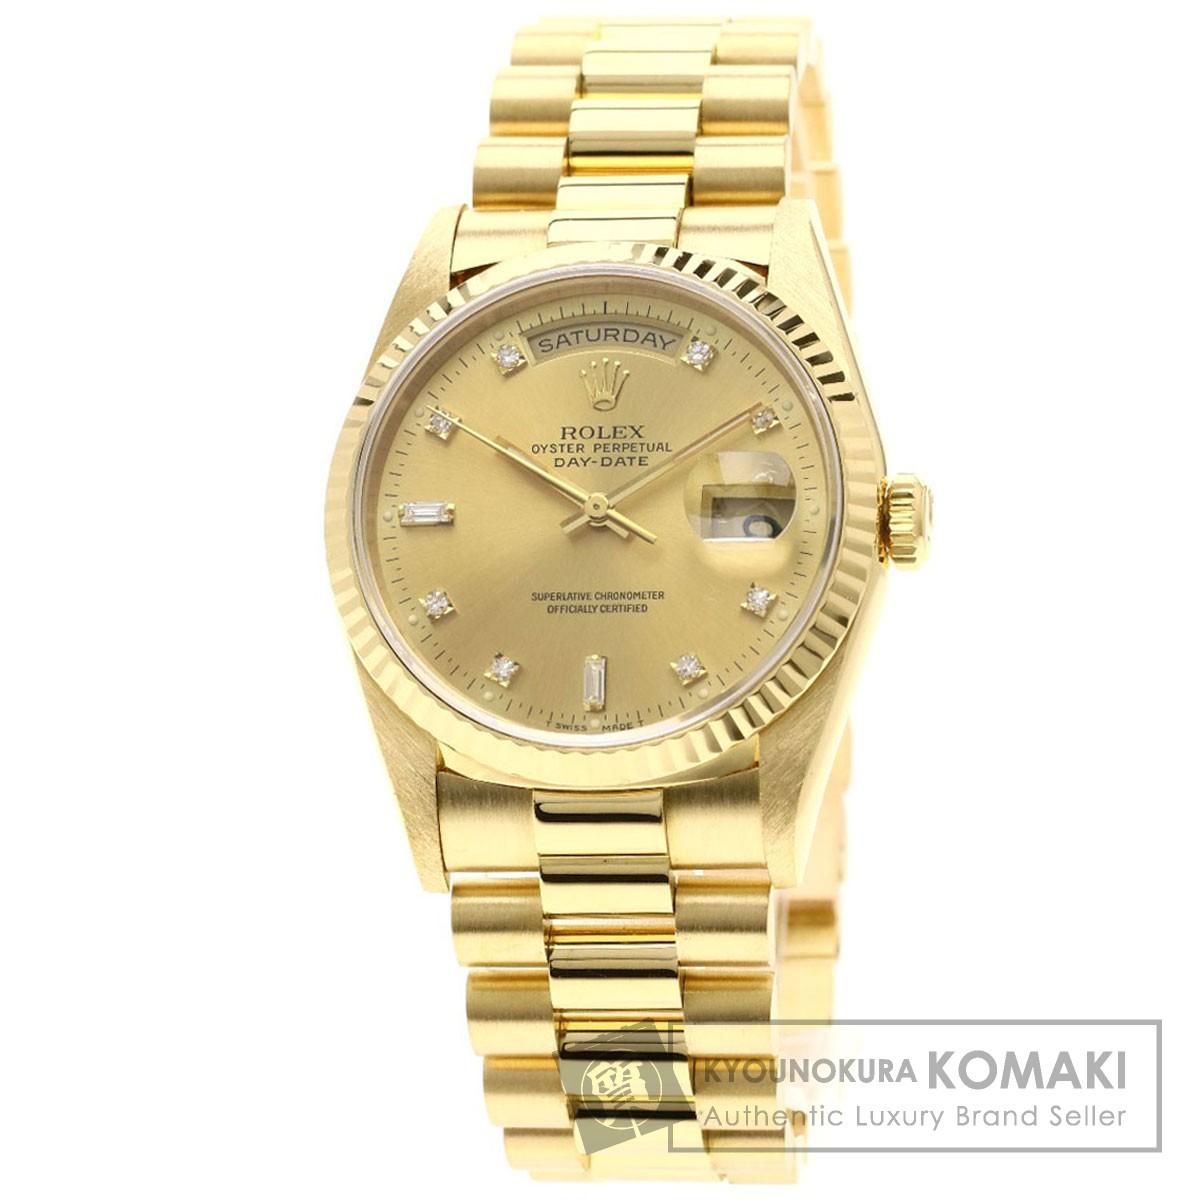 ロレックス 18238A デイテイト 腕時計 OH済 K18イエローゴールド/K18YG メンズ 【中古】【ROLEX】